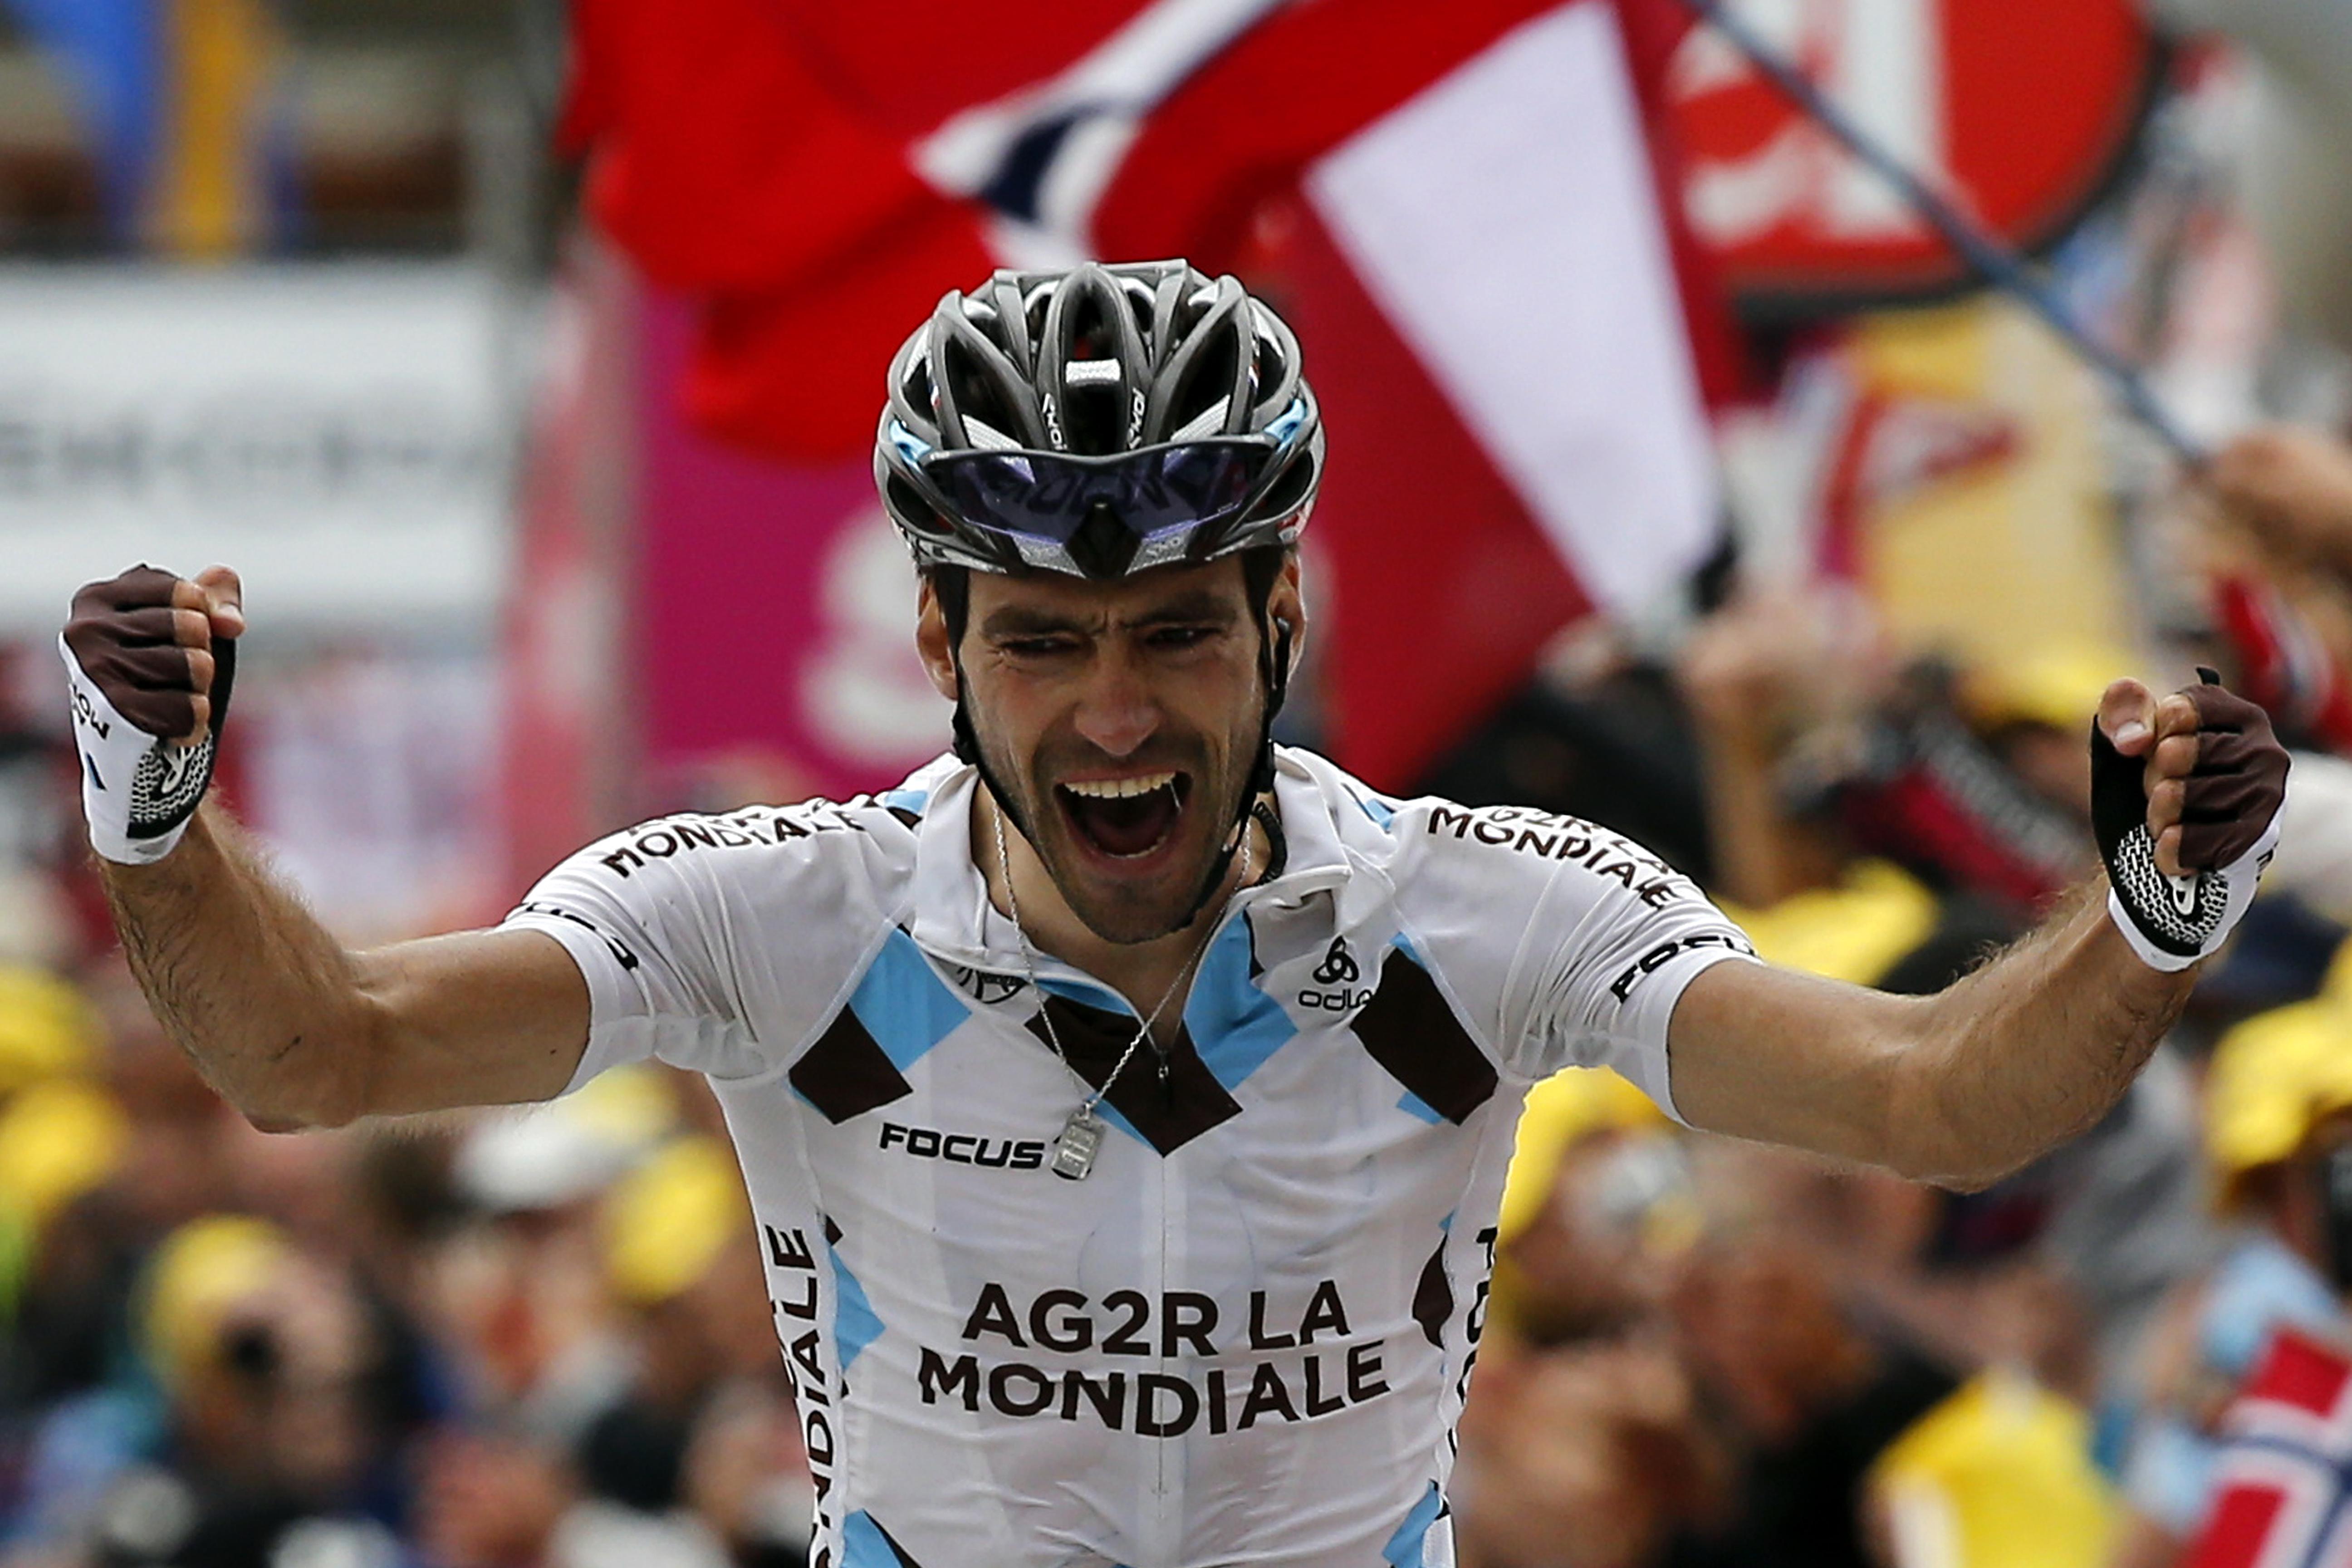 Riblon alcanza la glória y Contador no saca partido de la »pájara» de Froome